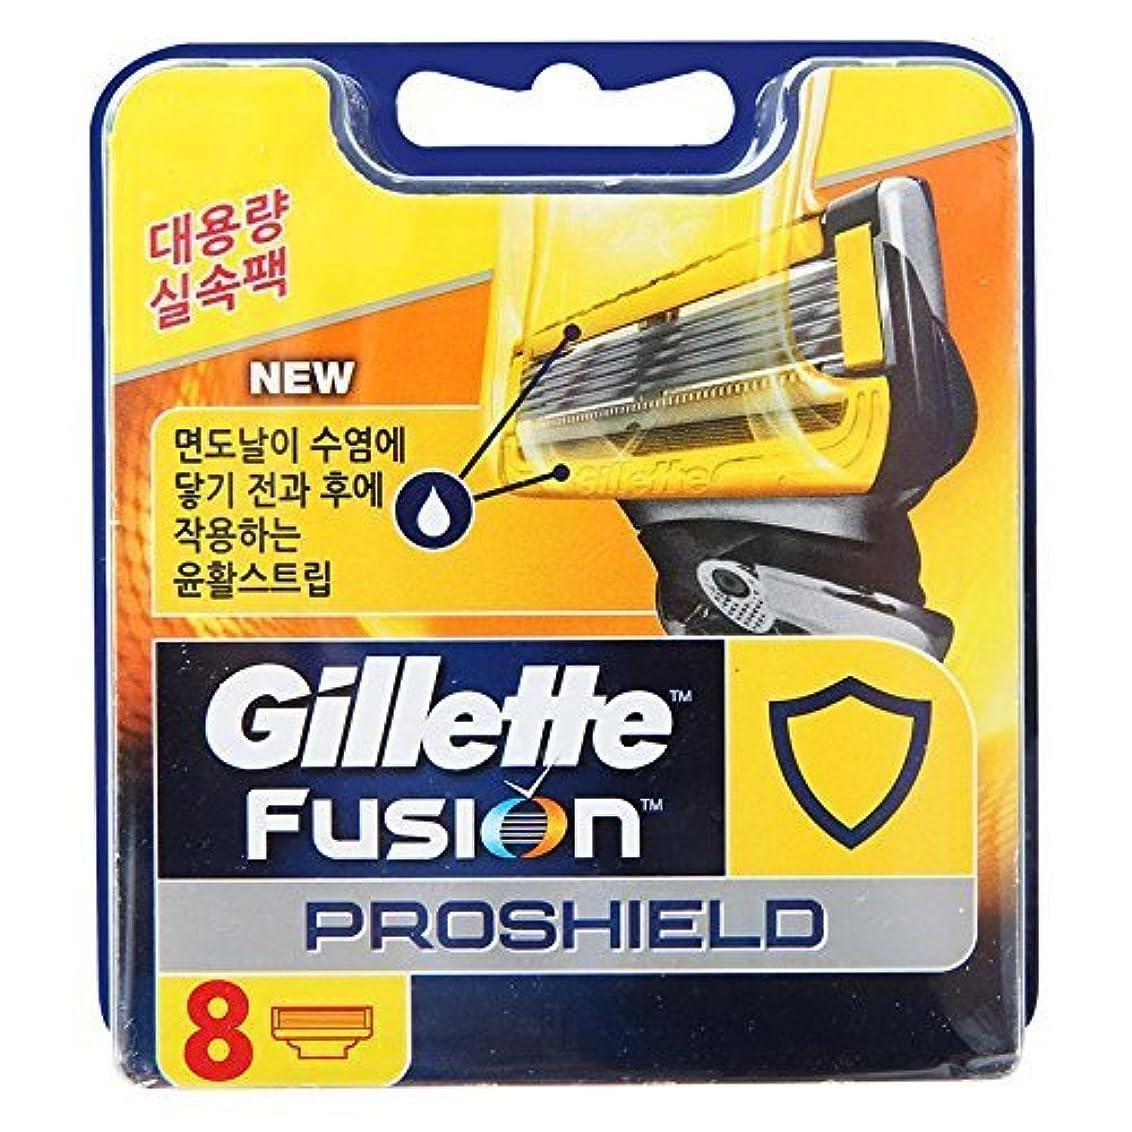 魔術リファイン聖職者Gillette Fusion Proshield Yellow Men's Razor Blade 8 Pack / ドイツ製 [並行輸入品]